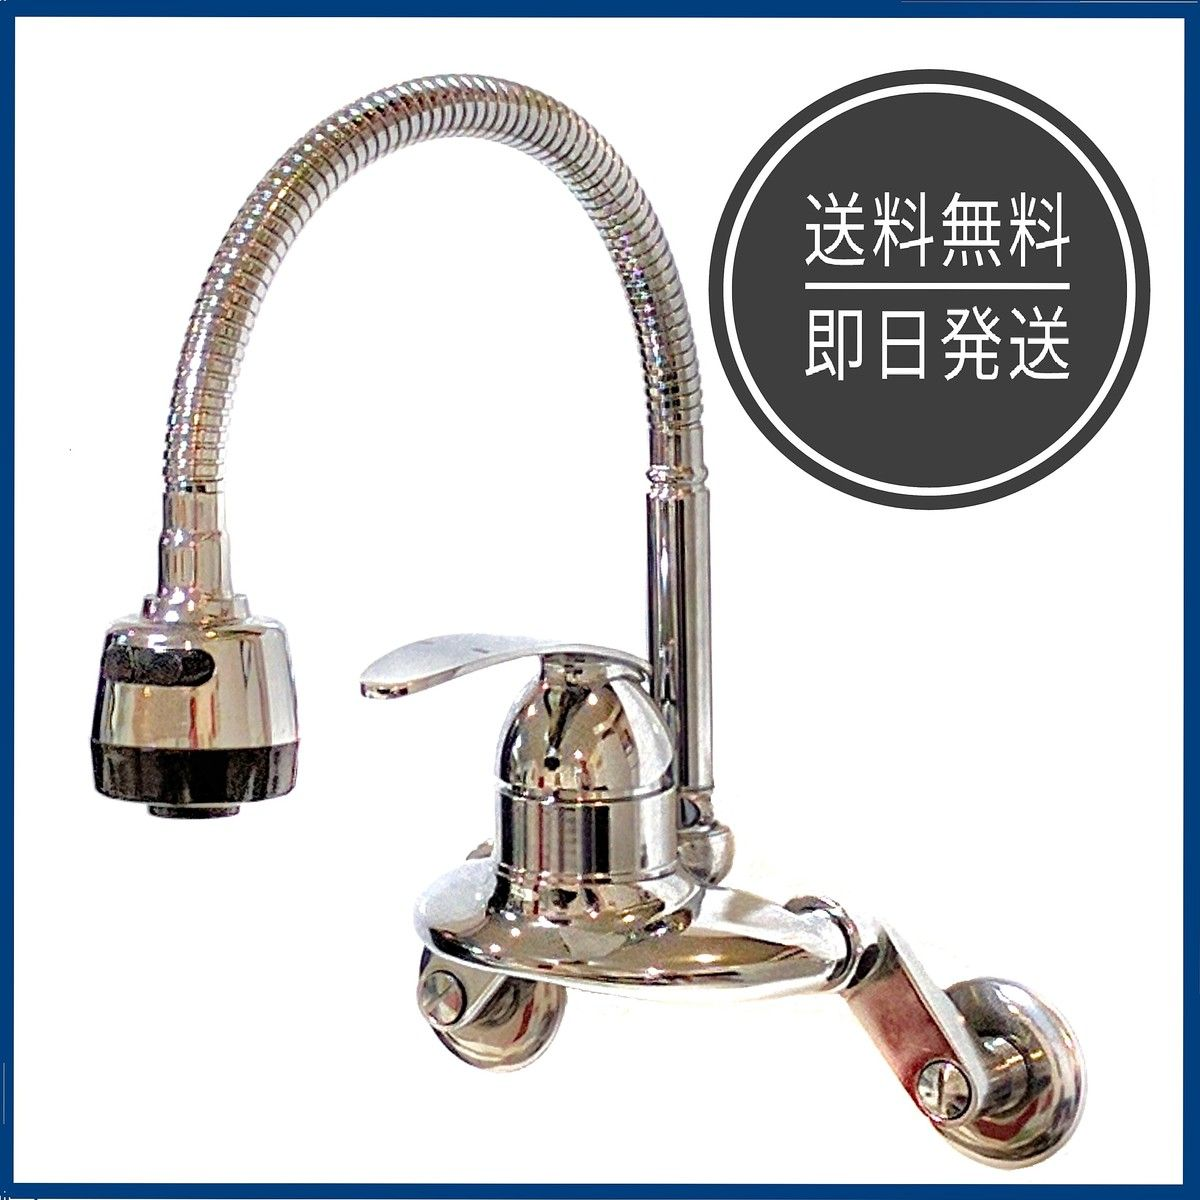 楽天市場 水道蛇口 キッチンシャワー混合栓 シングルレバー 混合水栓